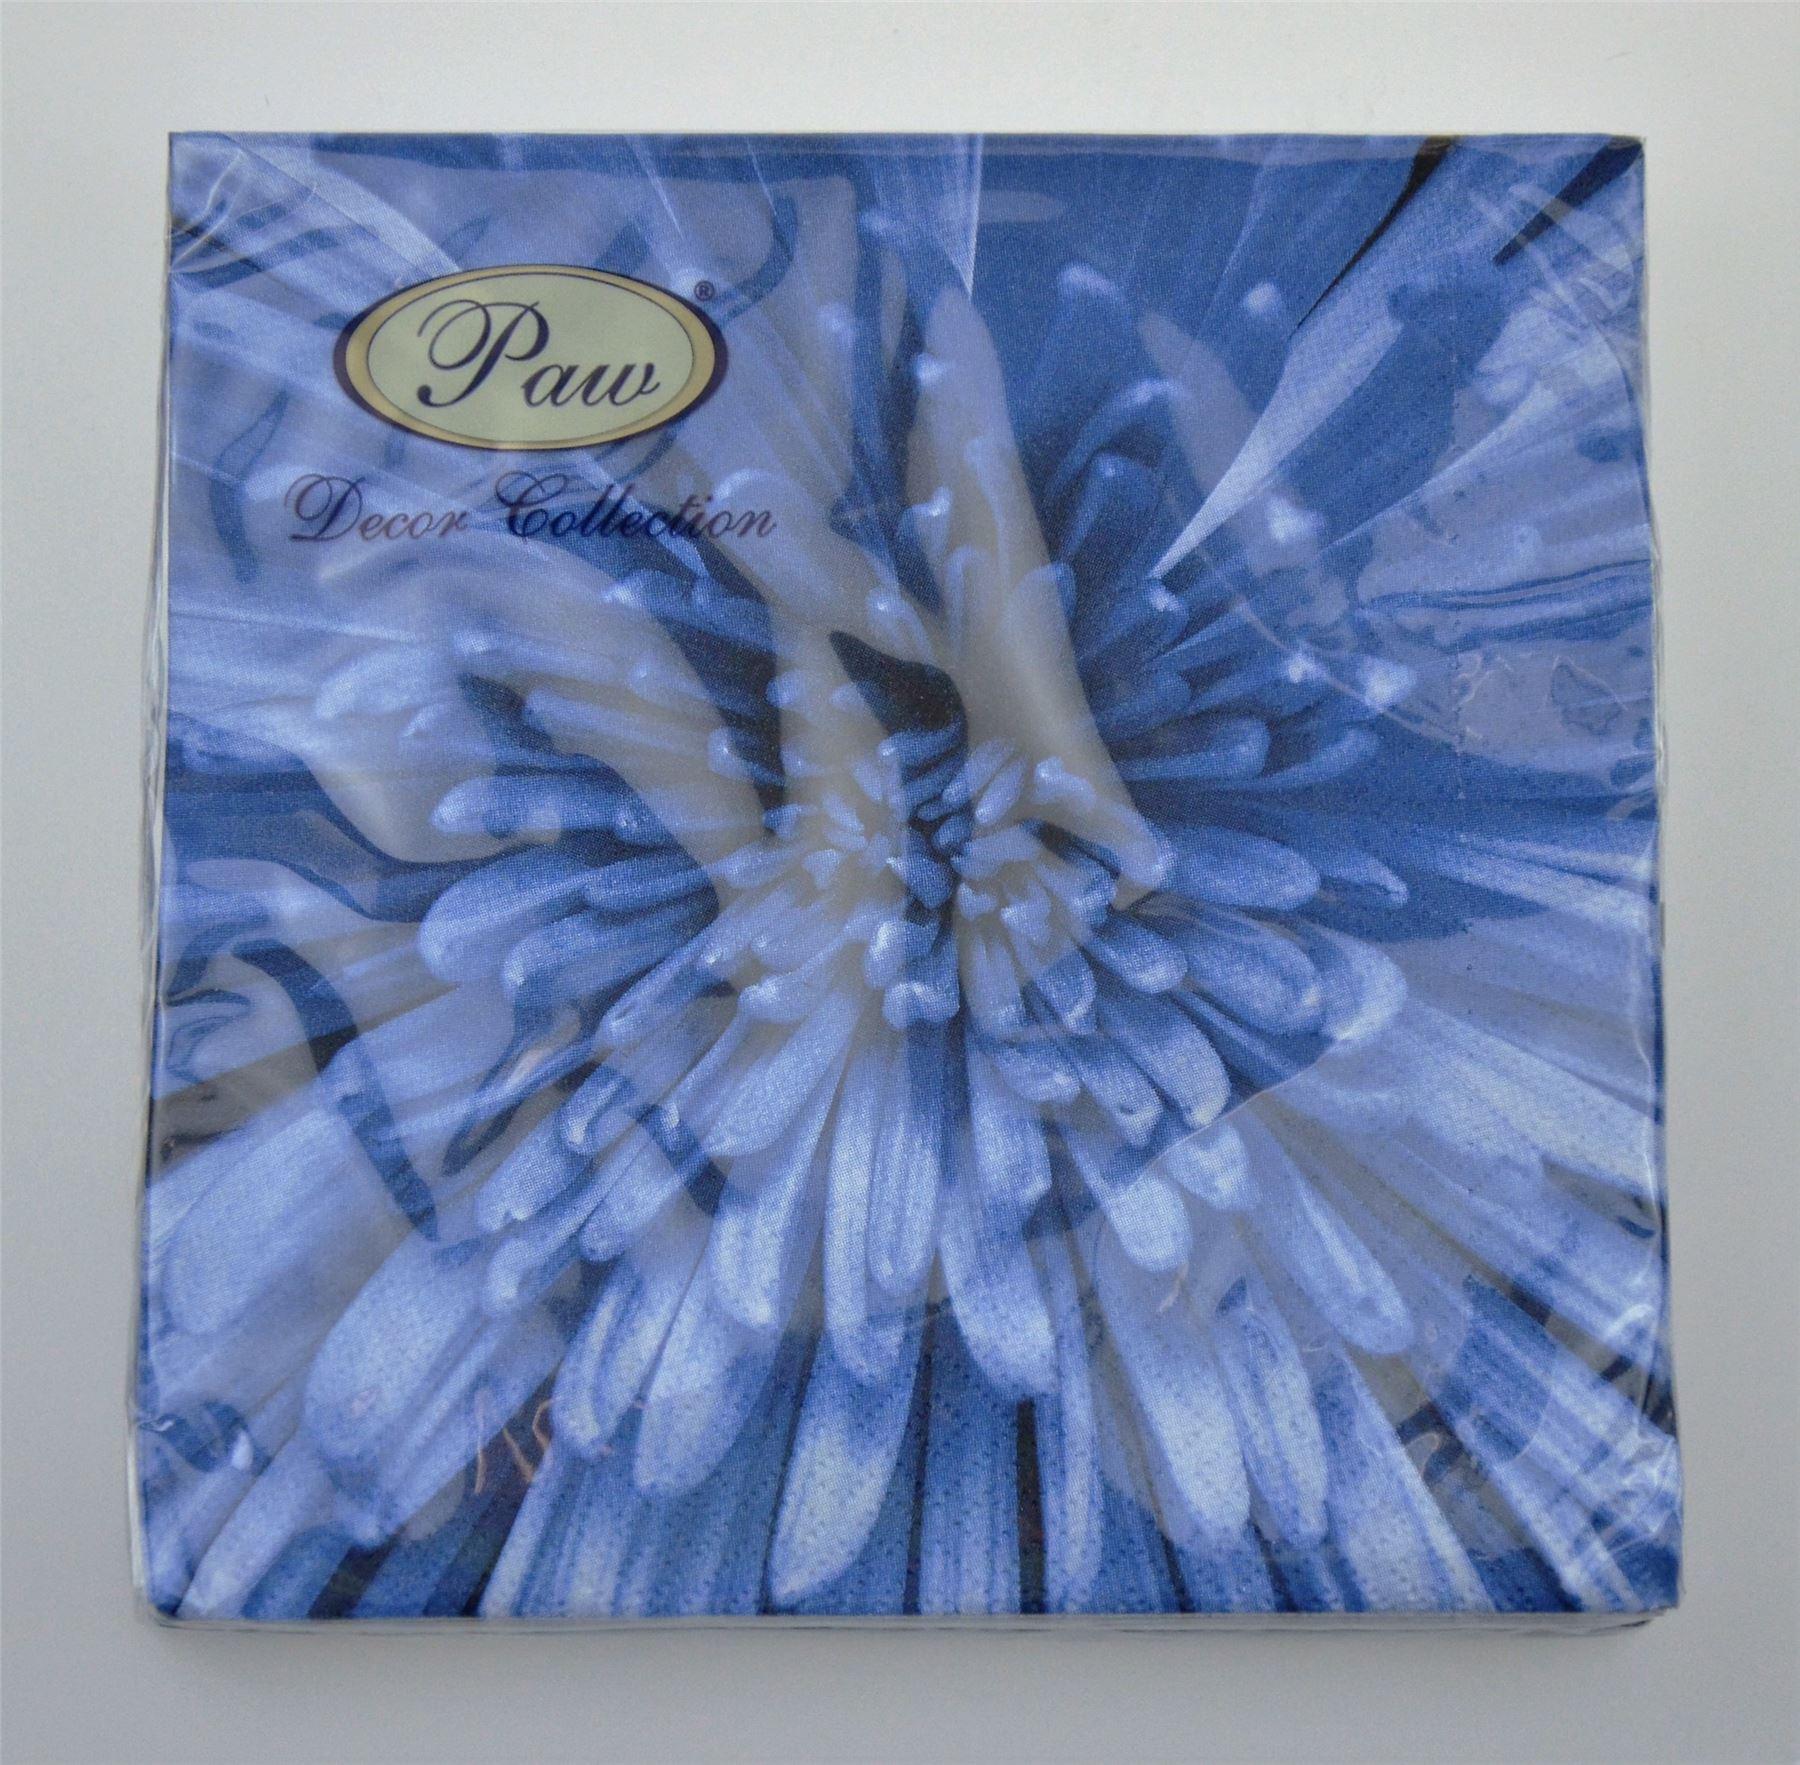 20 pck beautiful vintage decorative paper napkins decoupage - Decorative Paper Napkins